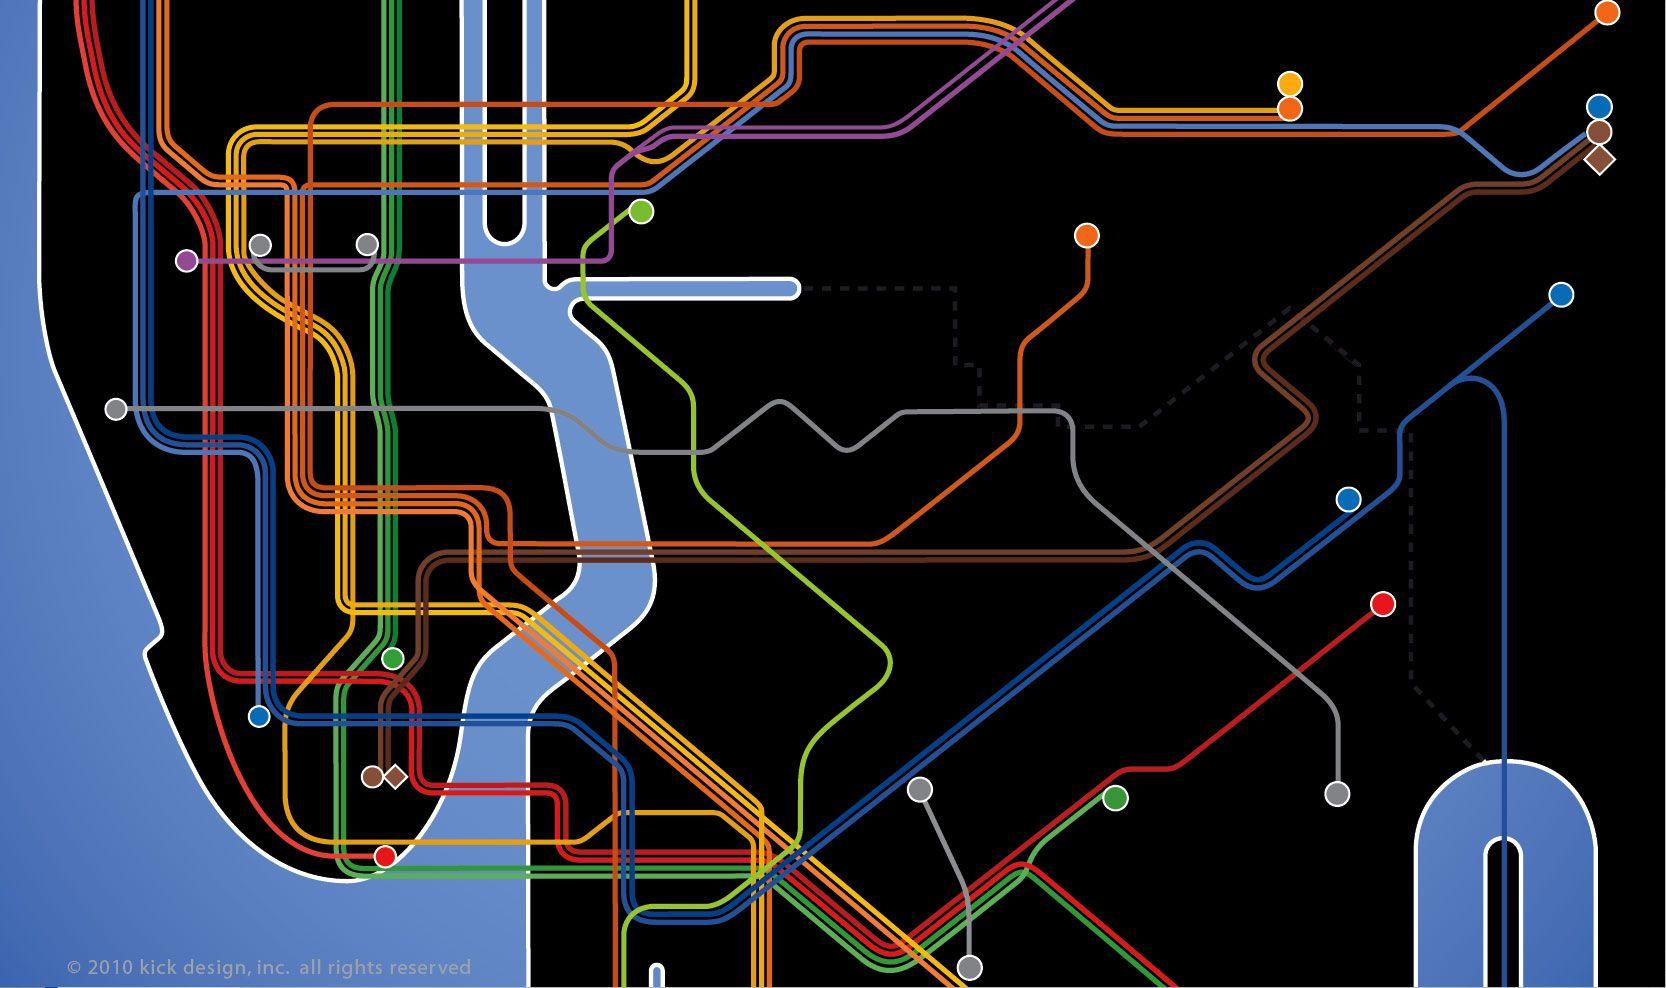 Kickmap Ny Wallpaper Queens Wallpaper Schematic Design Map